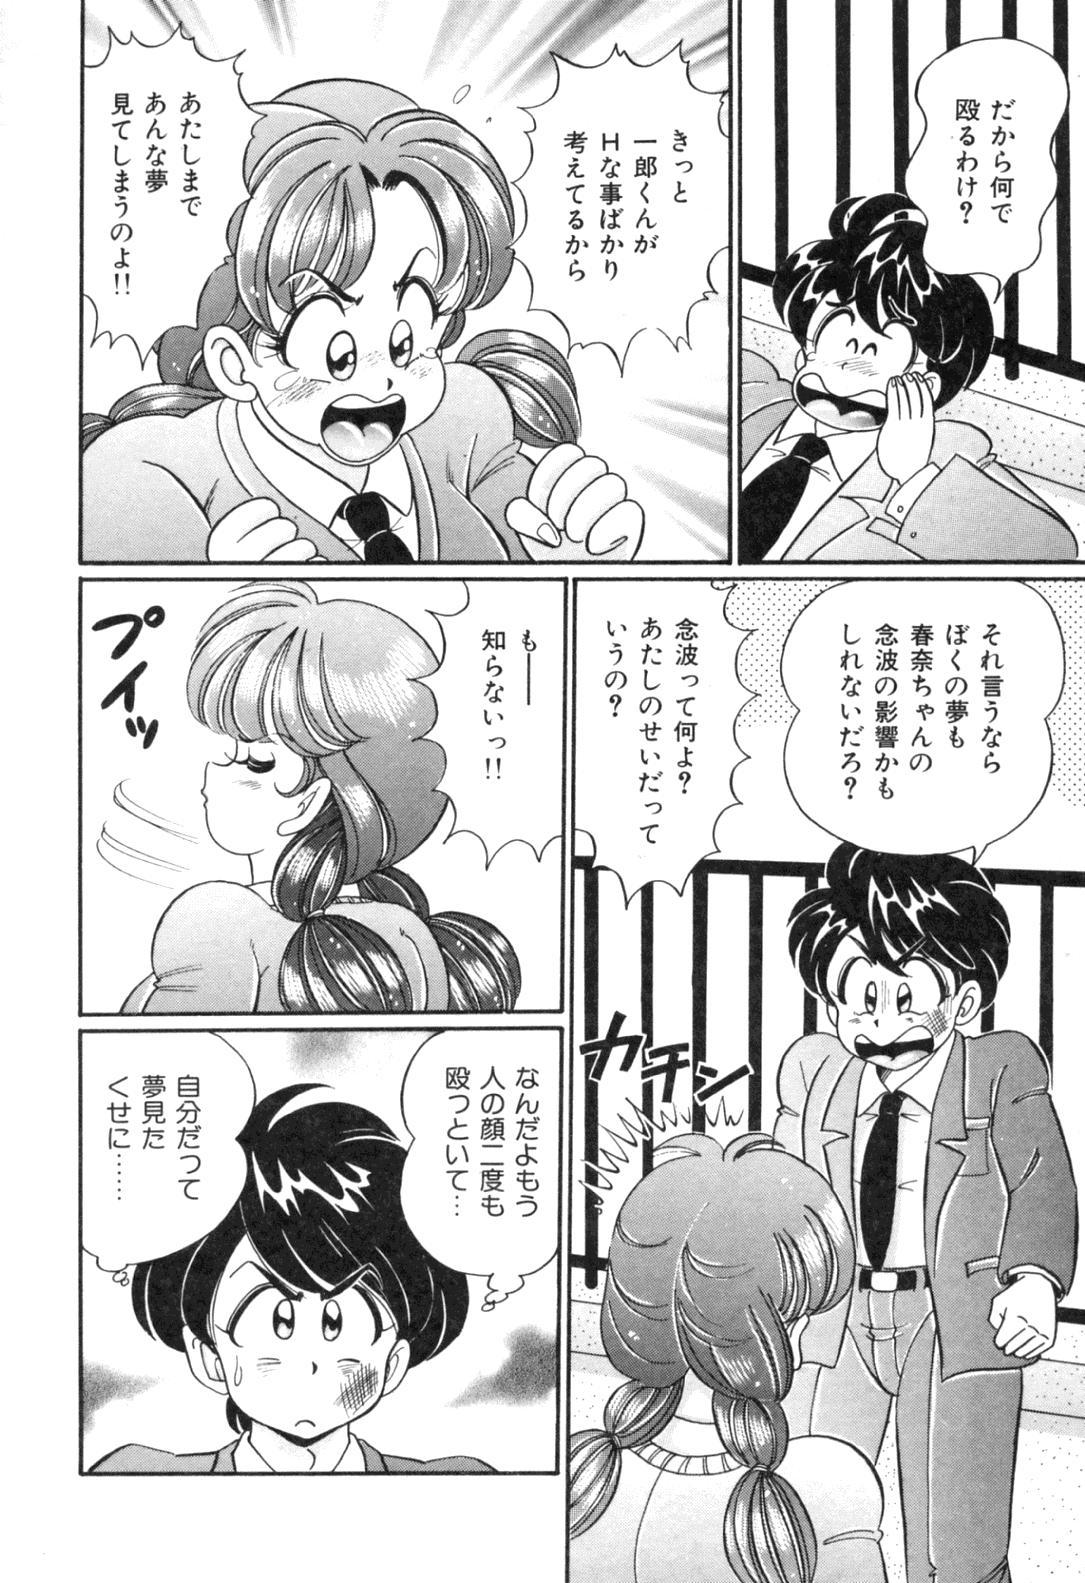 [Watanabe Wataru] Tonari no Onee-san - Sister of Neighborhood 140